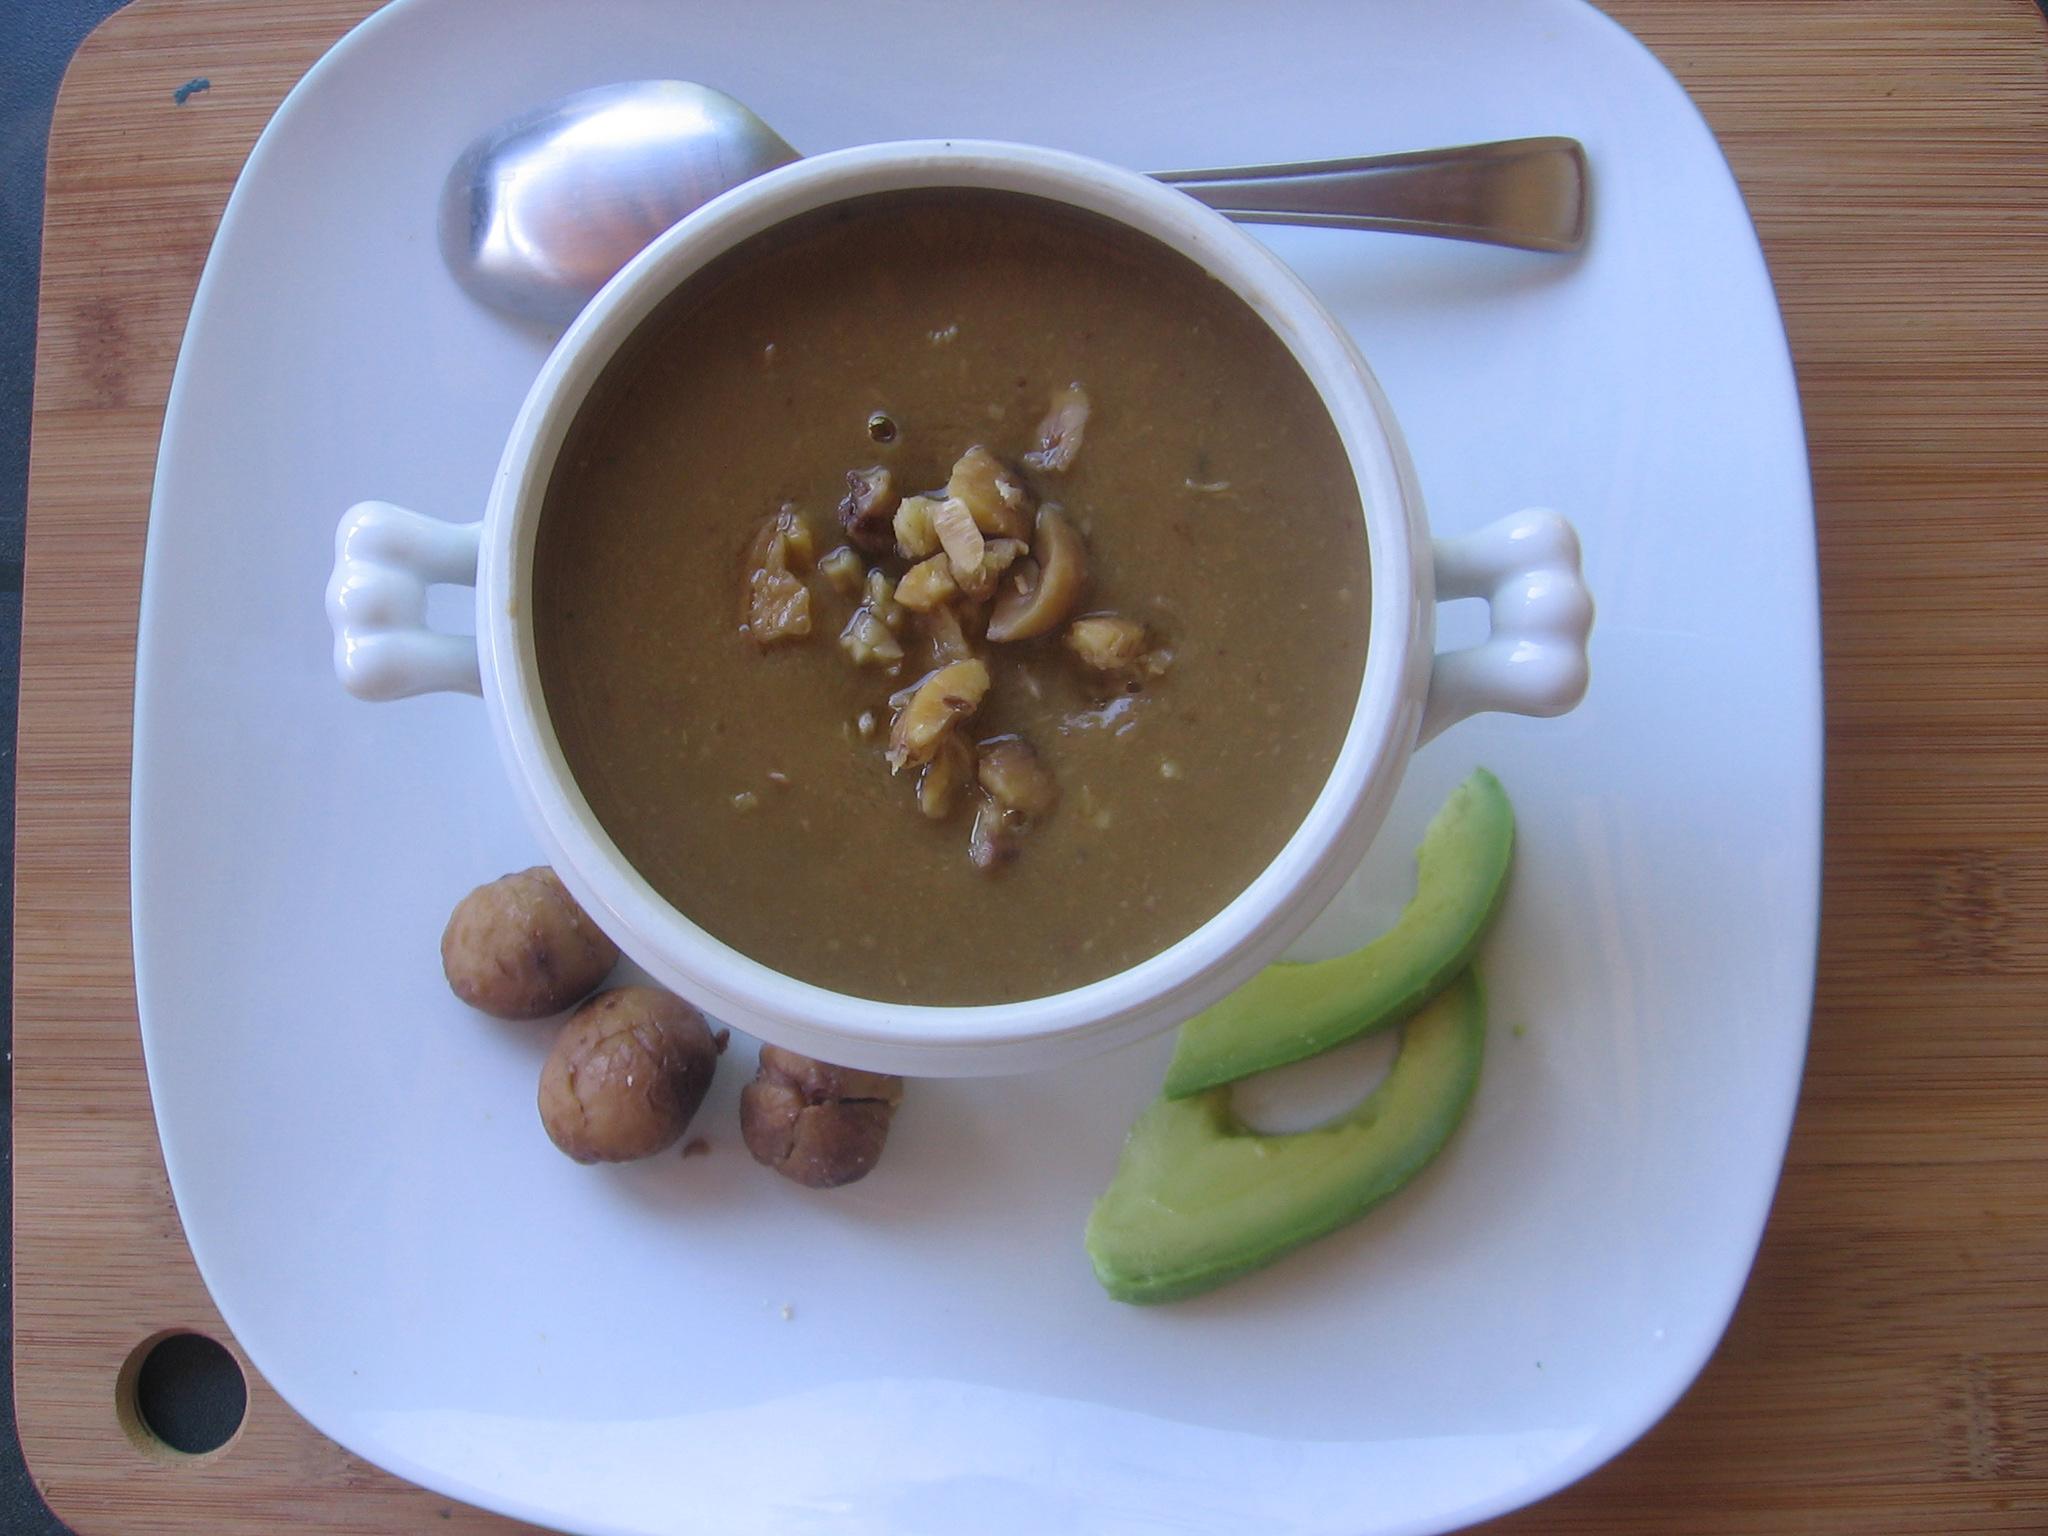 Une bonne soupe de marrons et champignons crus et cuits